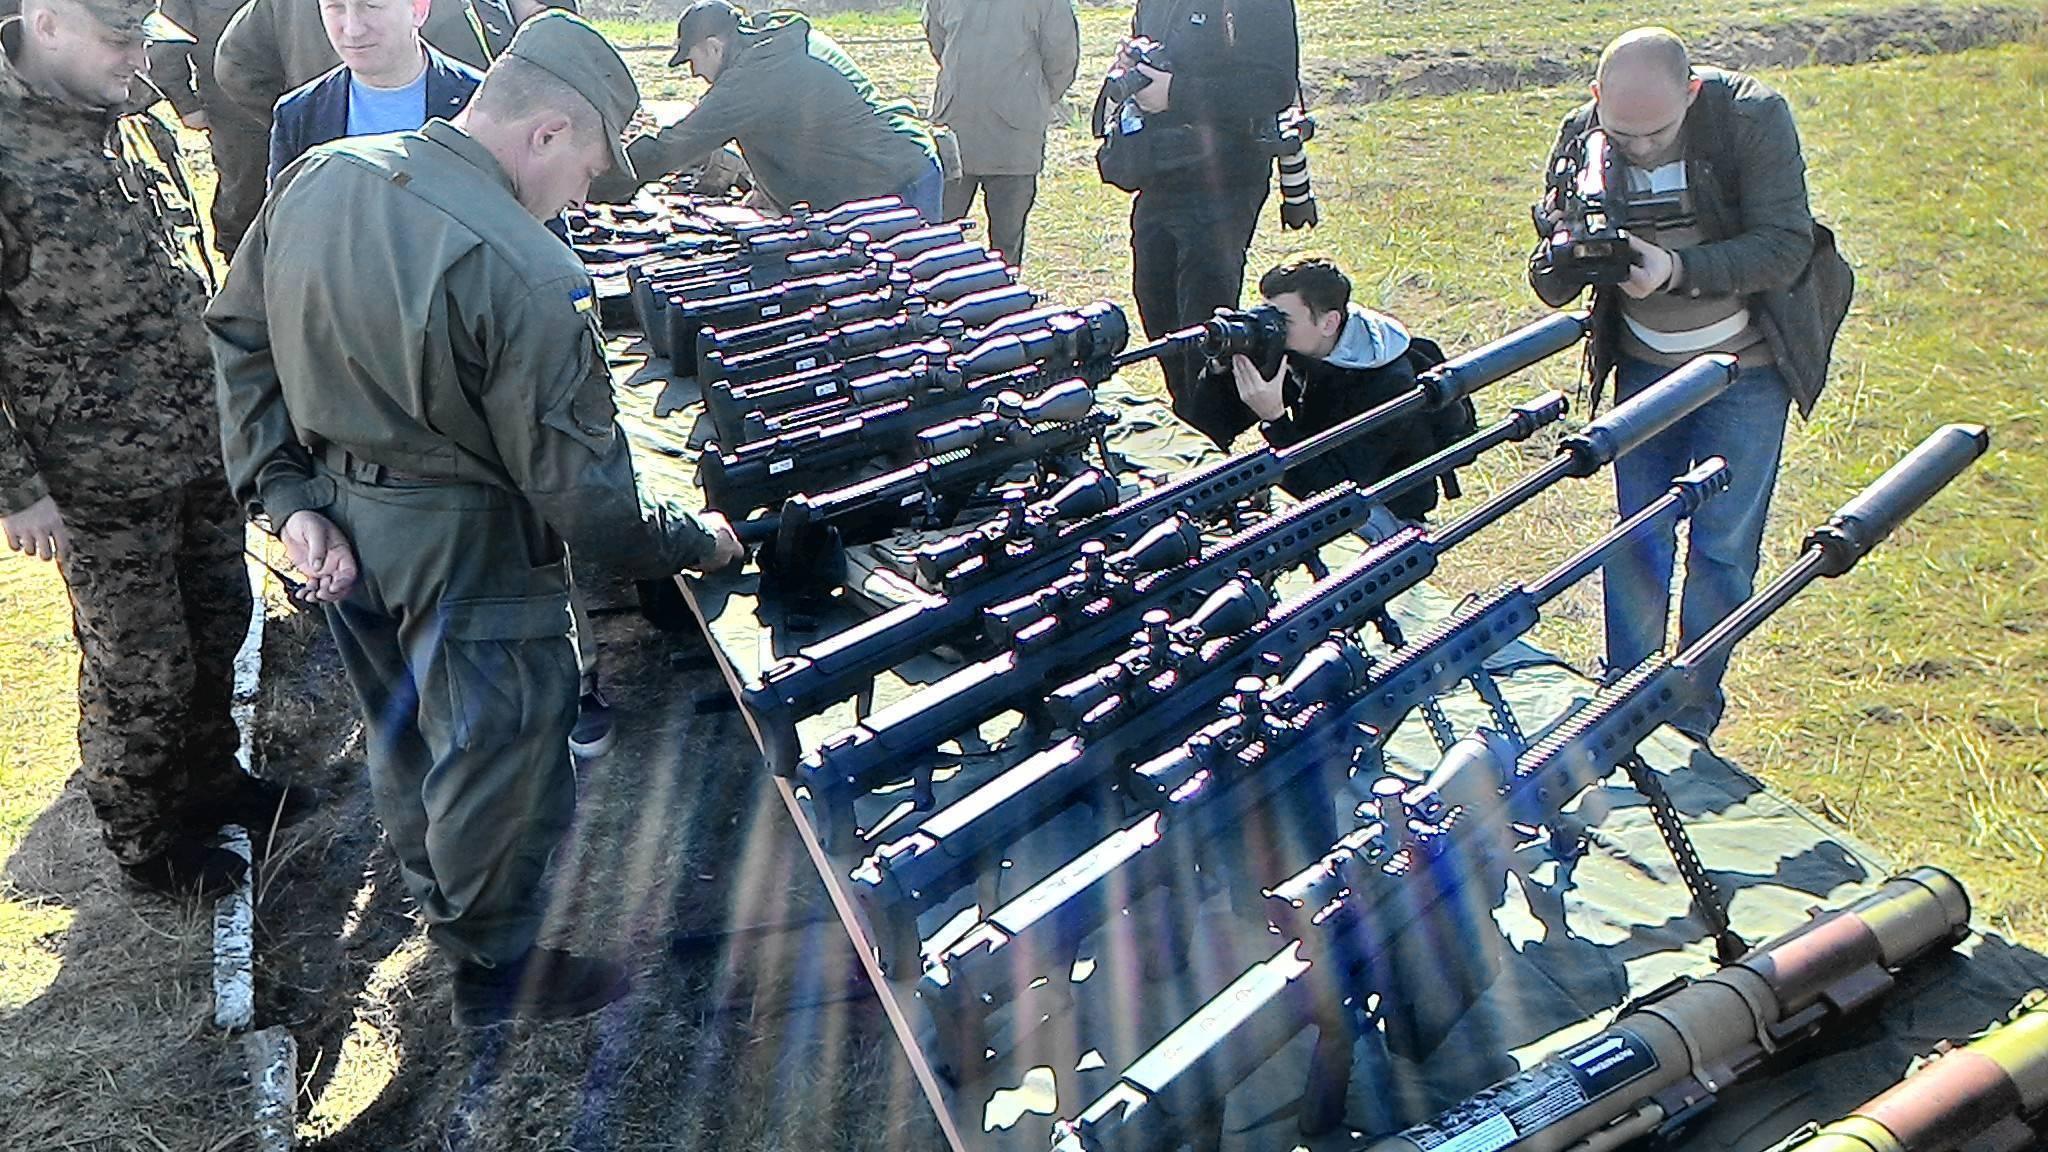 """Оружие в законе. """"слуги народа"""" хотят разрешить украинцам легально владеть пистолетами и применять их у себя дома"""